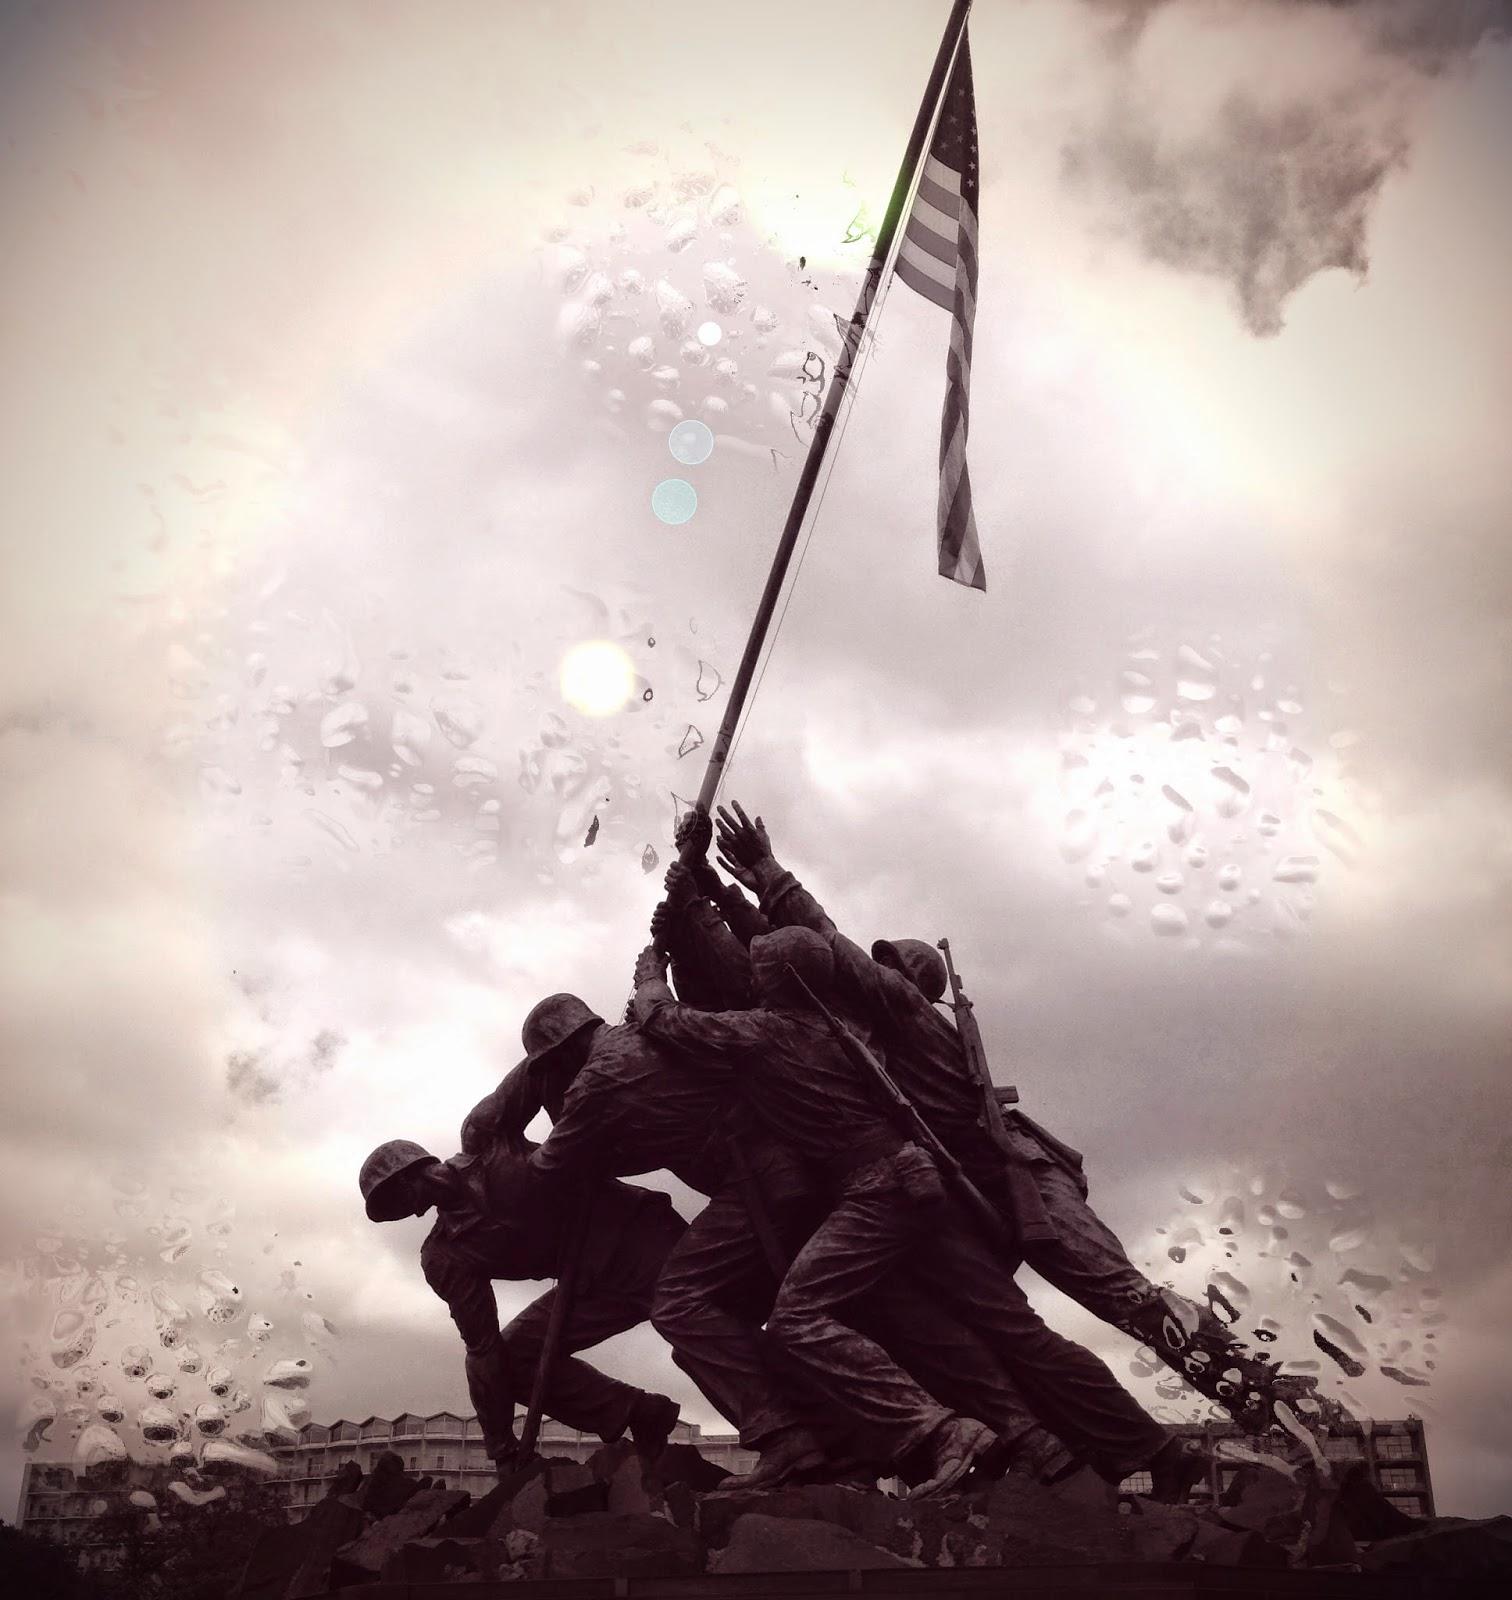 Repix - US Marine Memorial